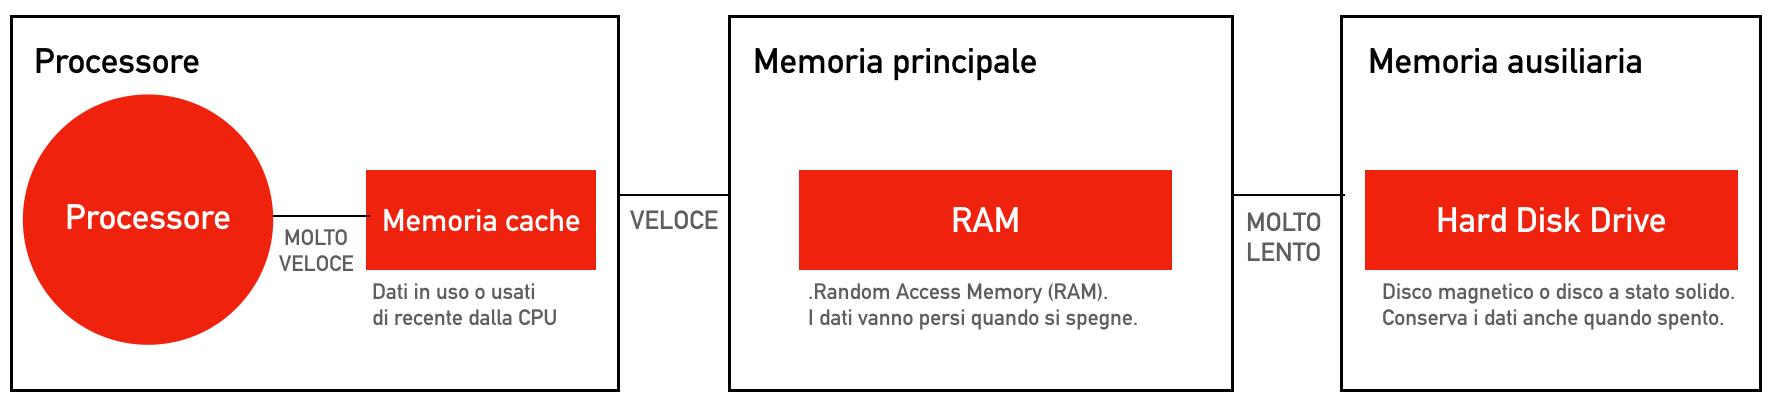 sap-hana-spintechgroup-memoria